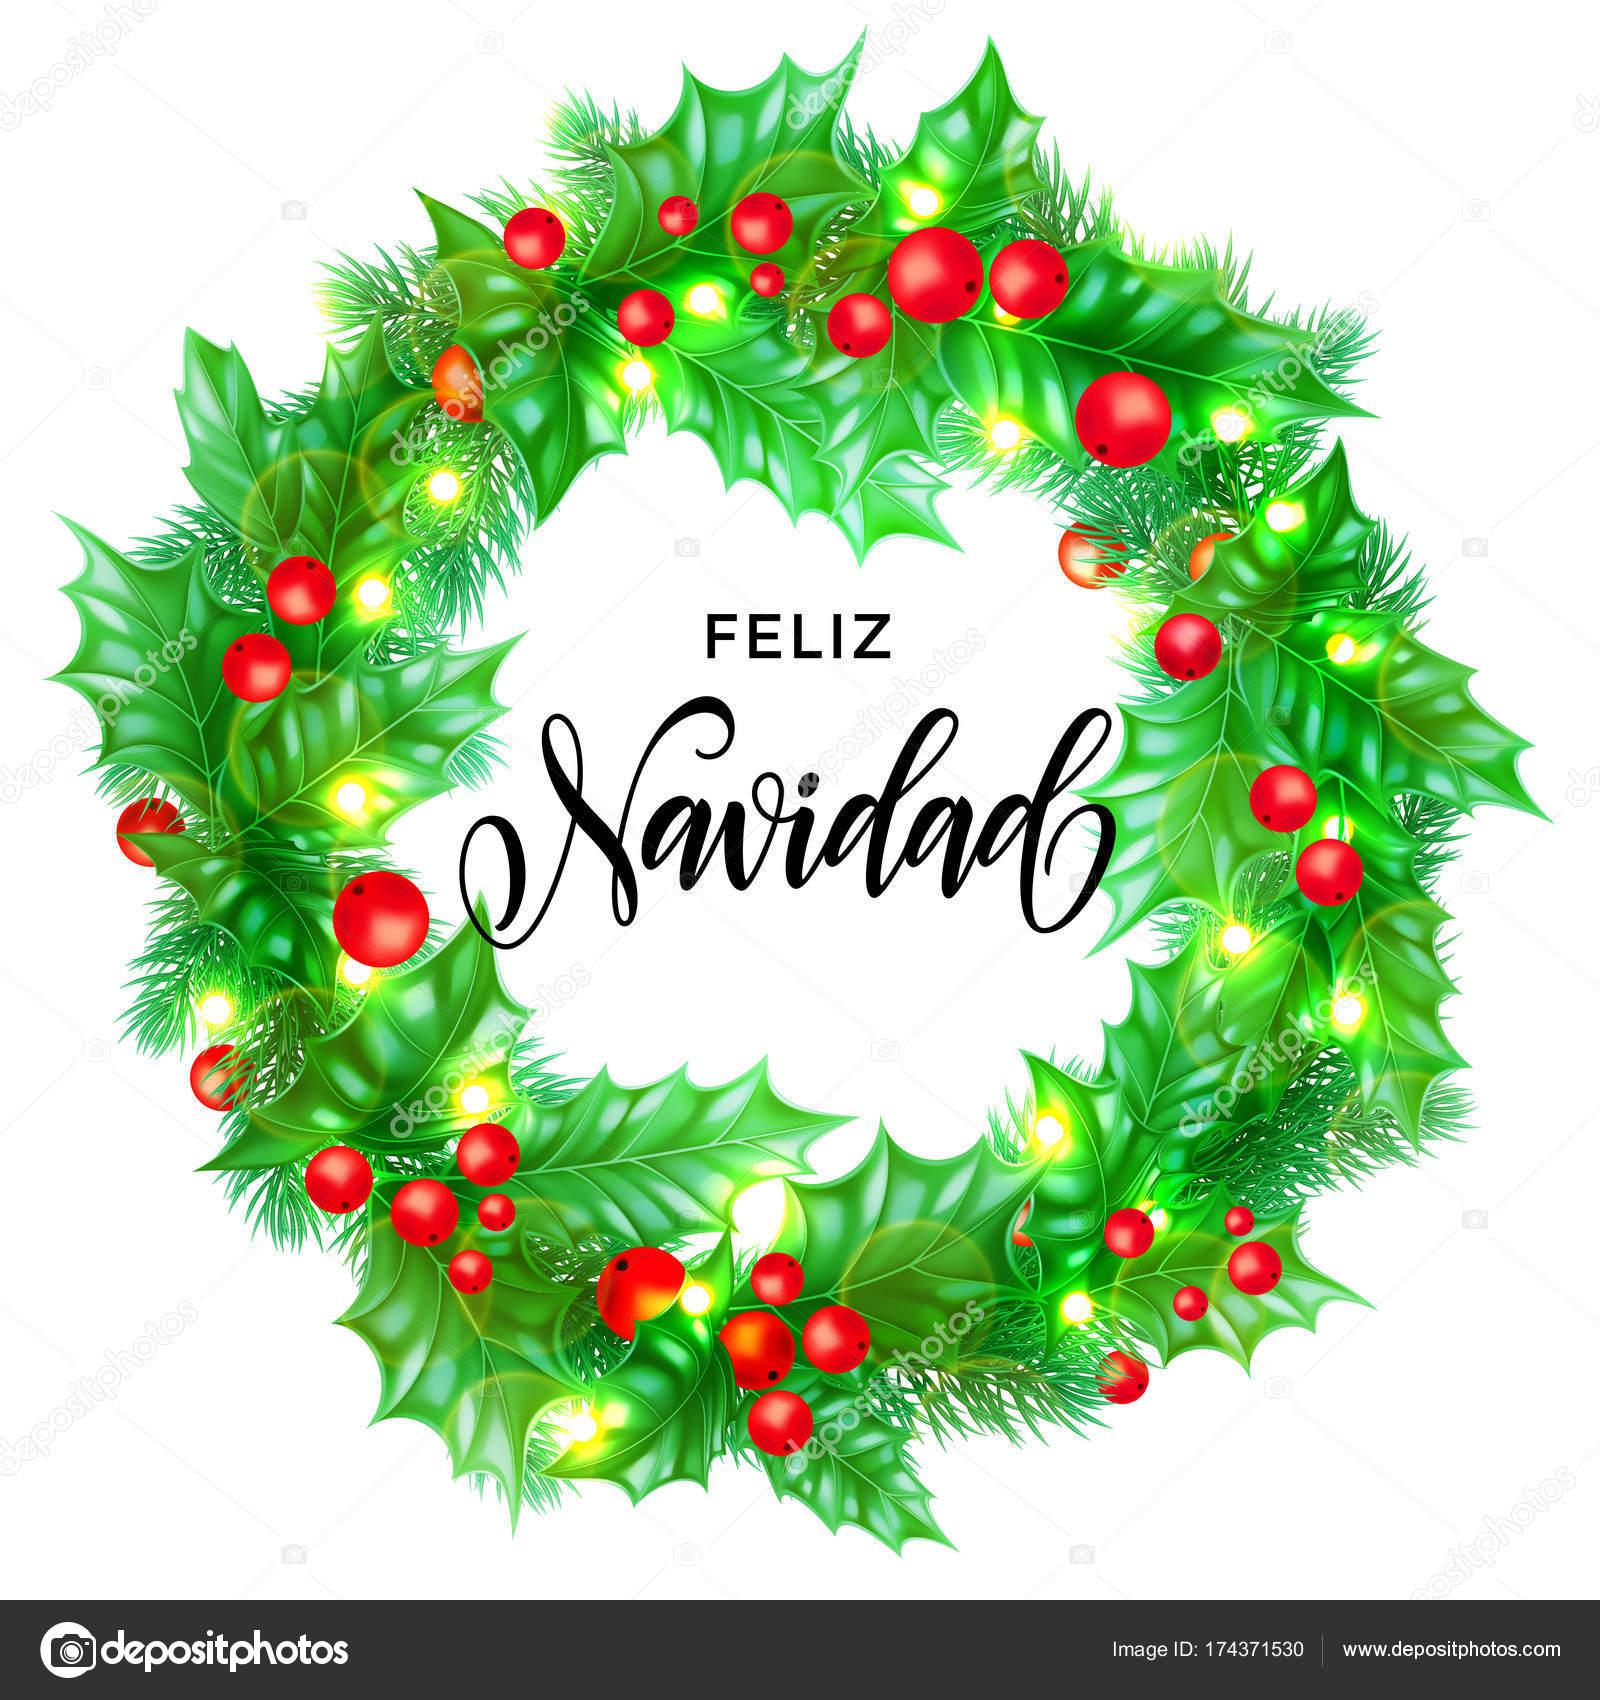 feliz navidad espagnol joyeux no l main dessin e. Black Bedroom Furniture Sets. Home Design Ideas